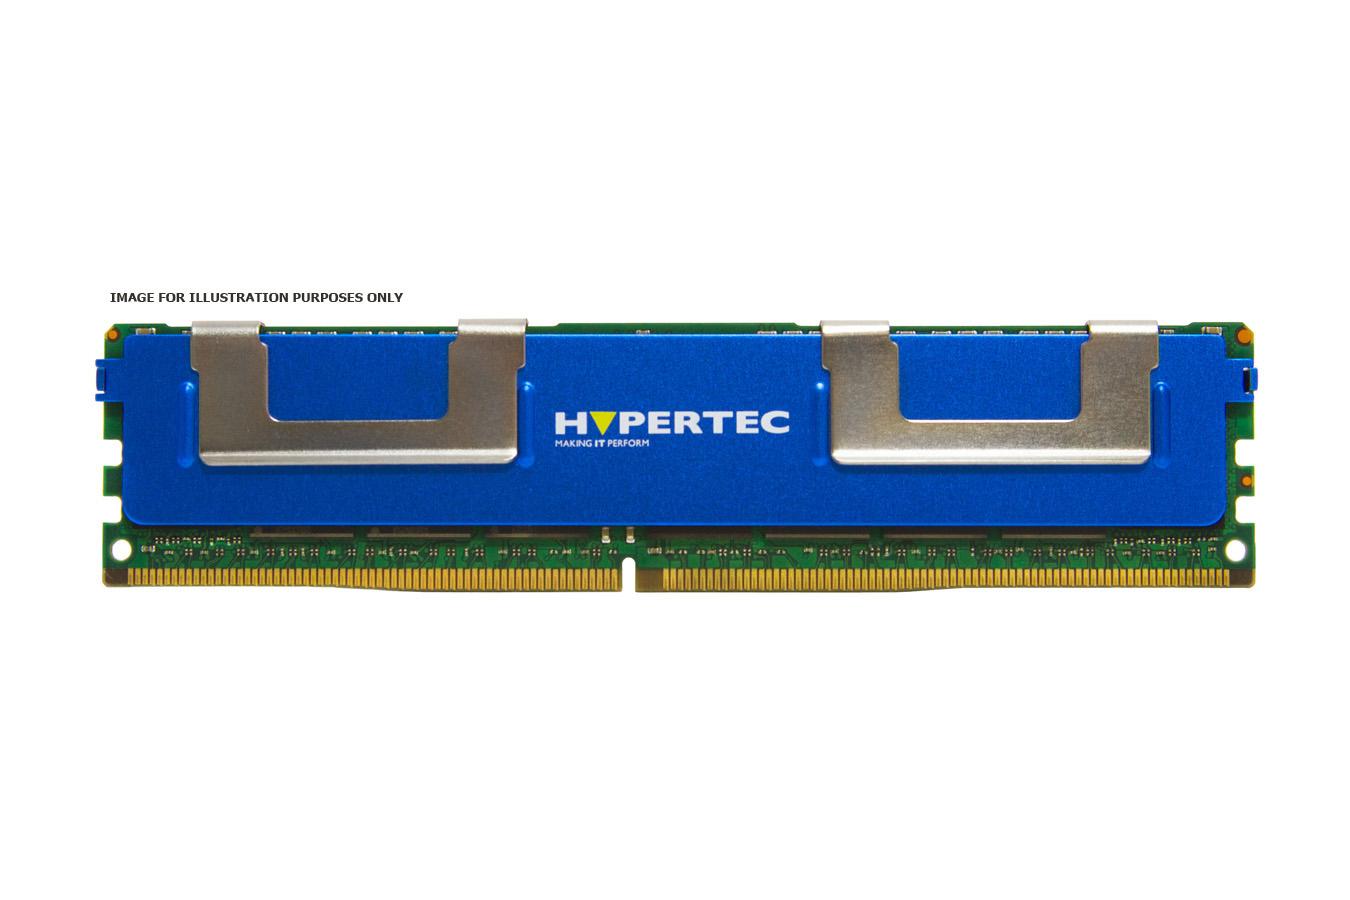 Hypertec 49Y1379-HY memory module 8 GB DDR3L 1333 MHz ECC